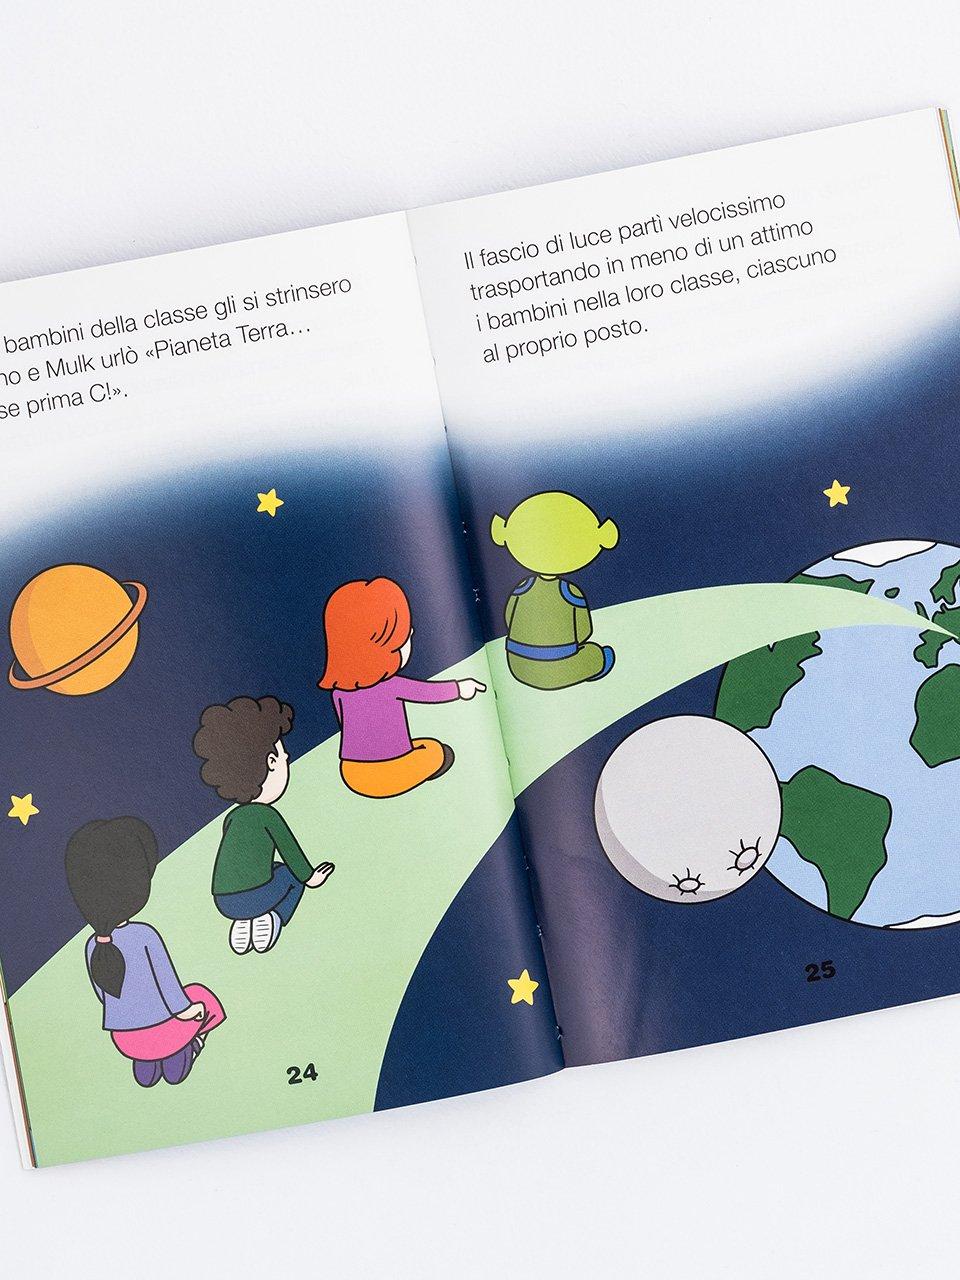 Leggere facile - Mulk l'amico extraterrestre - Libri - Erickson 2